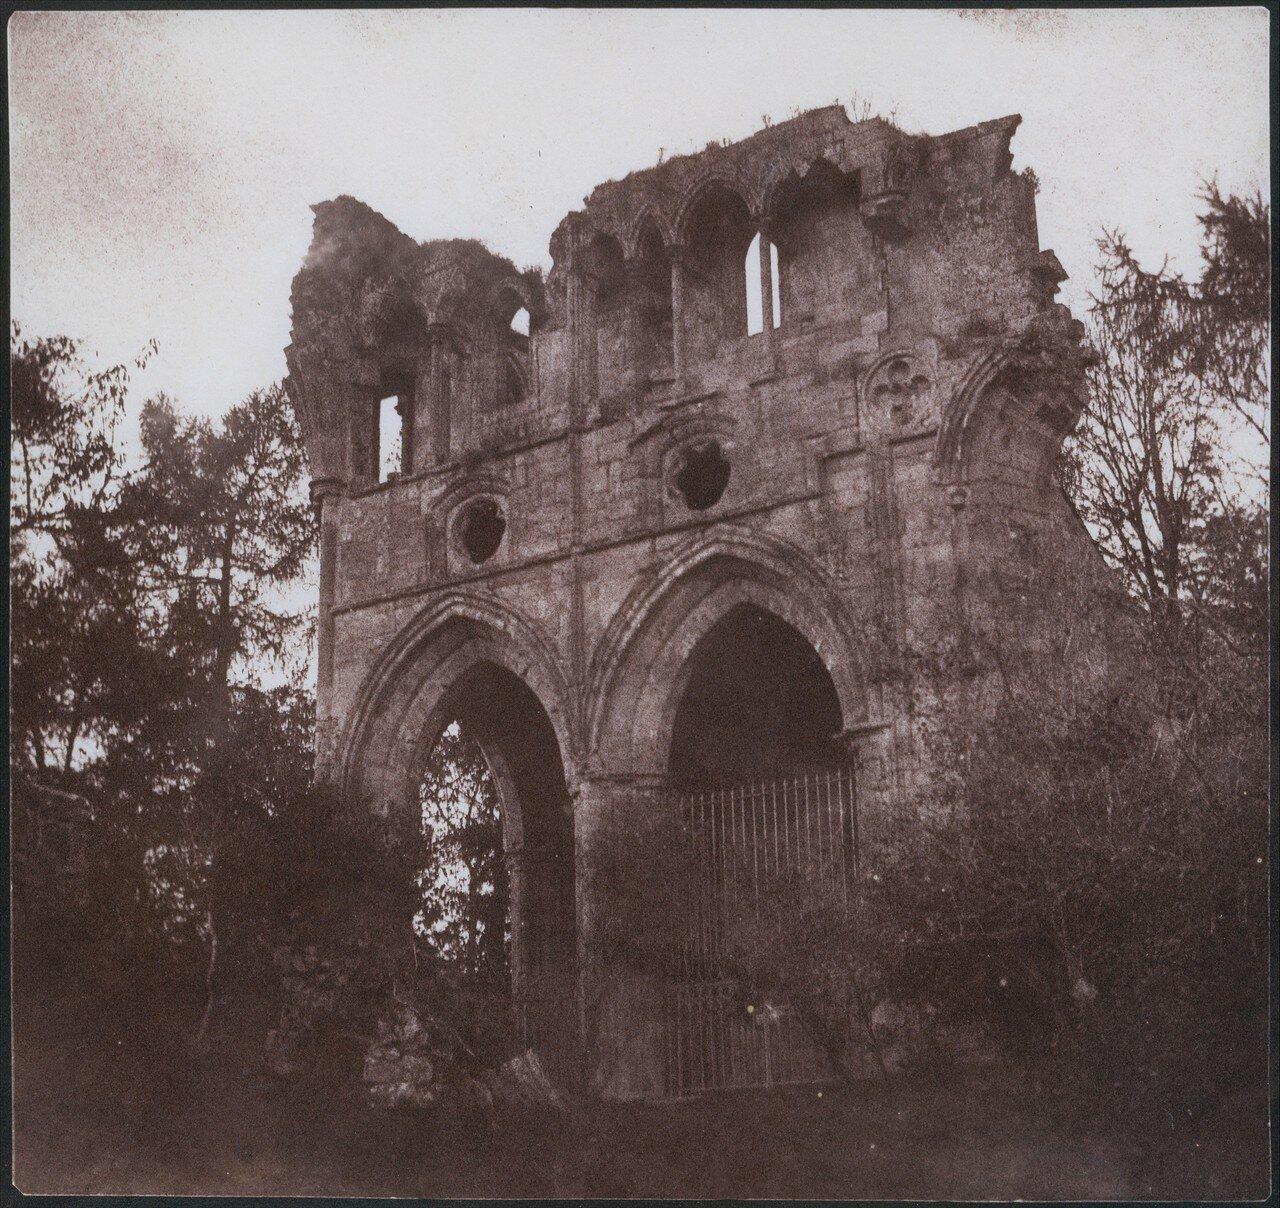 1844. Могила сэра Вальтера Скотта в аббатстве Драйберг